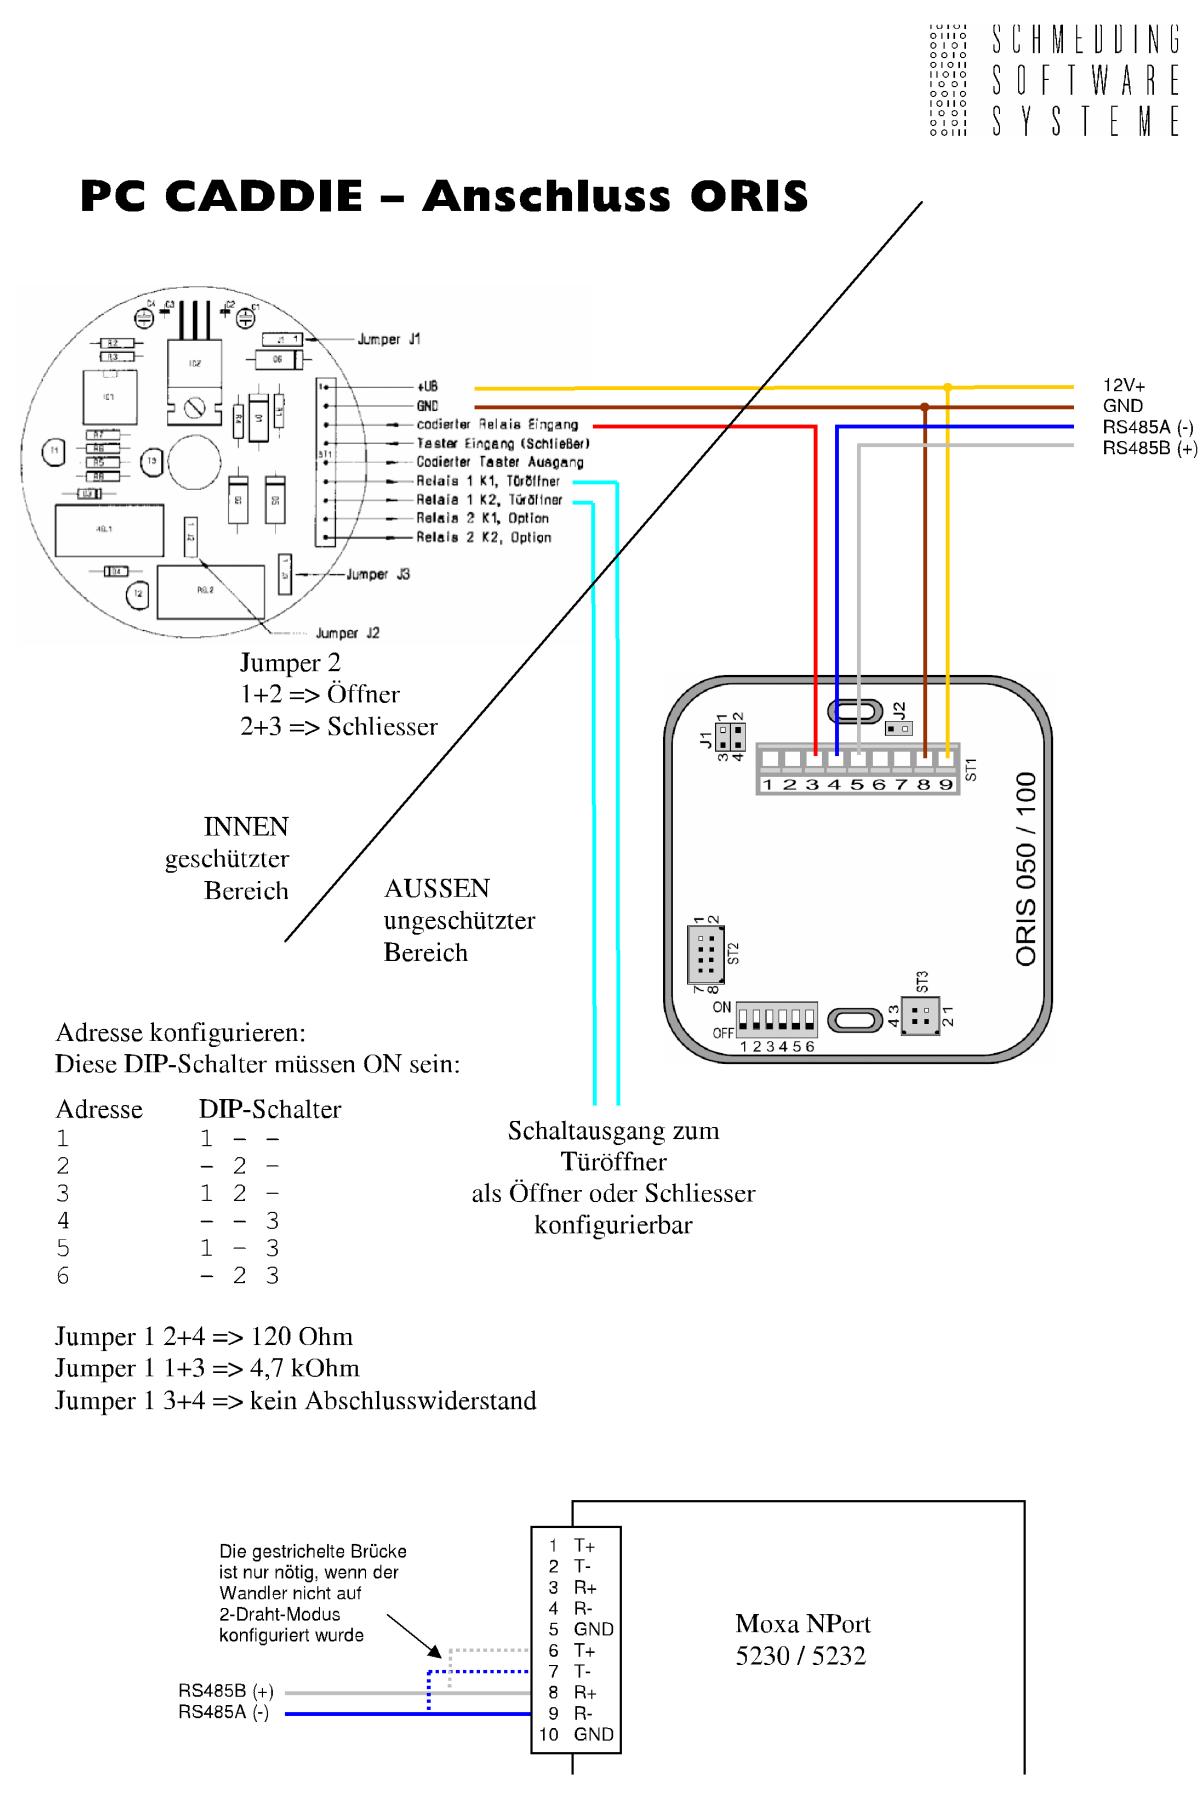 Hardware connection [PCCaddie]